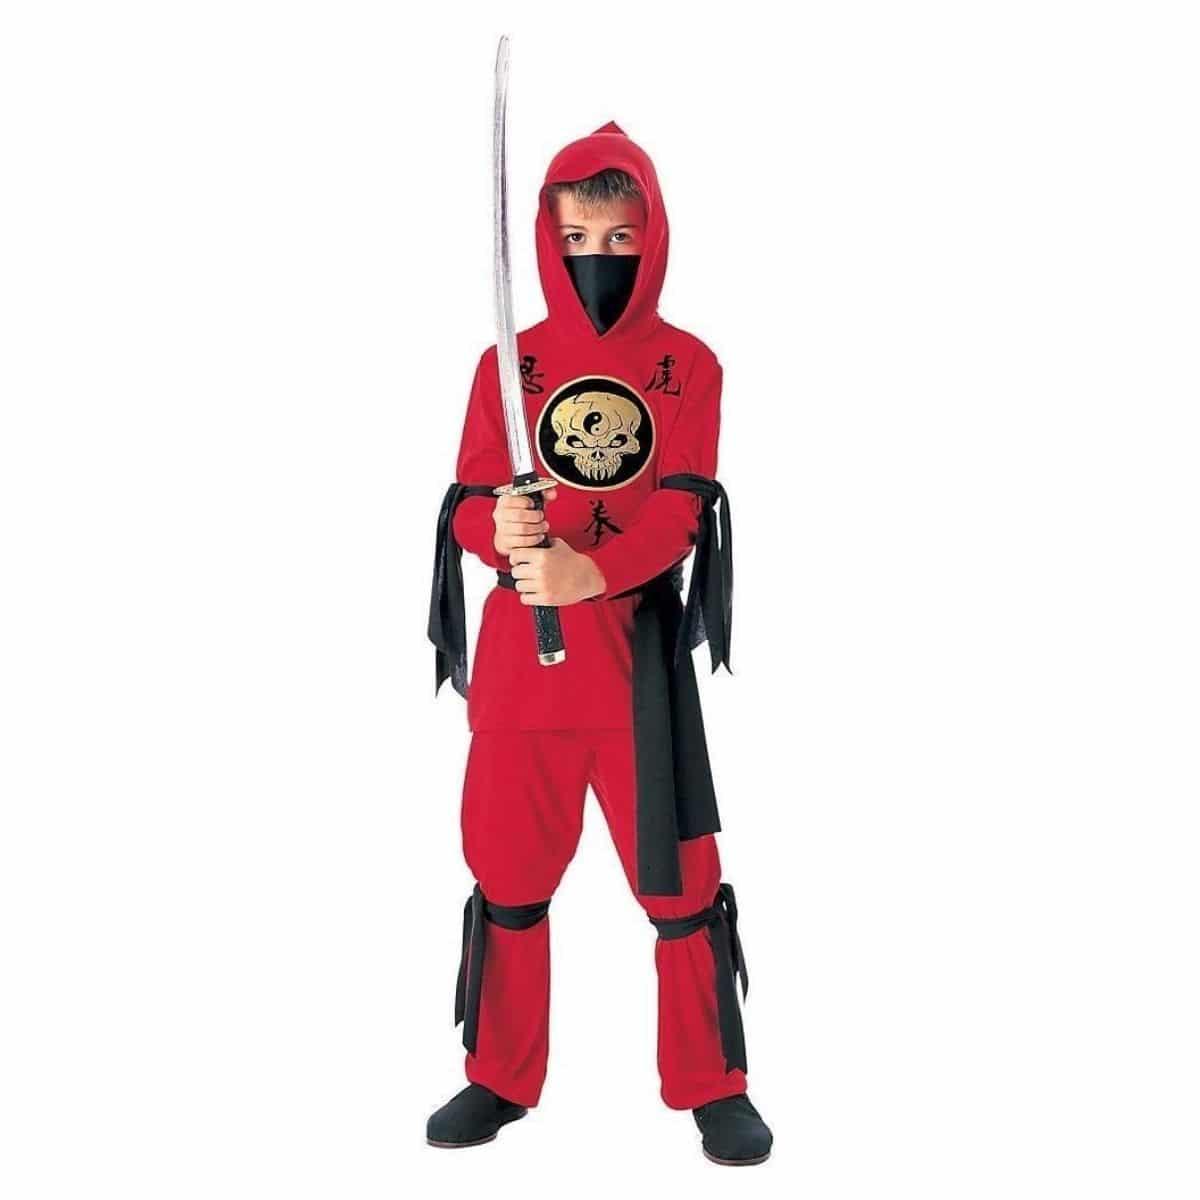 Disfraz de Ninja para Niños en Rojo Negro Varias Tallas